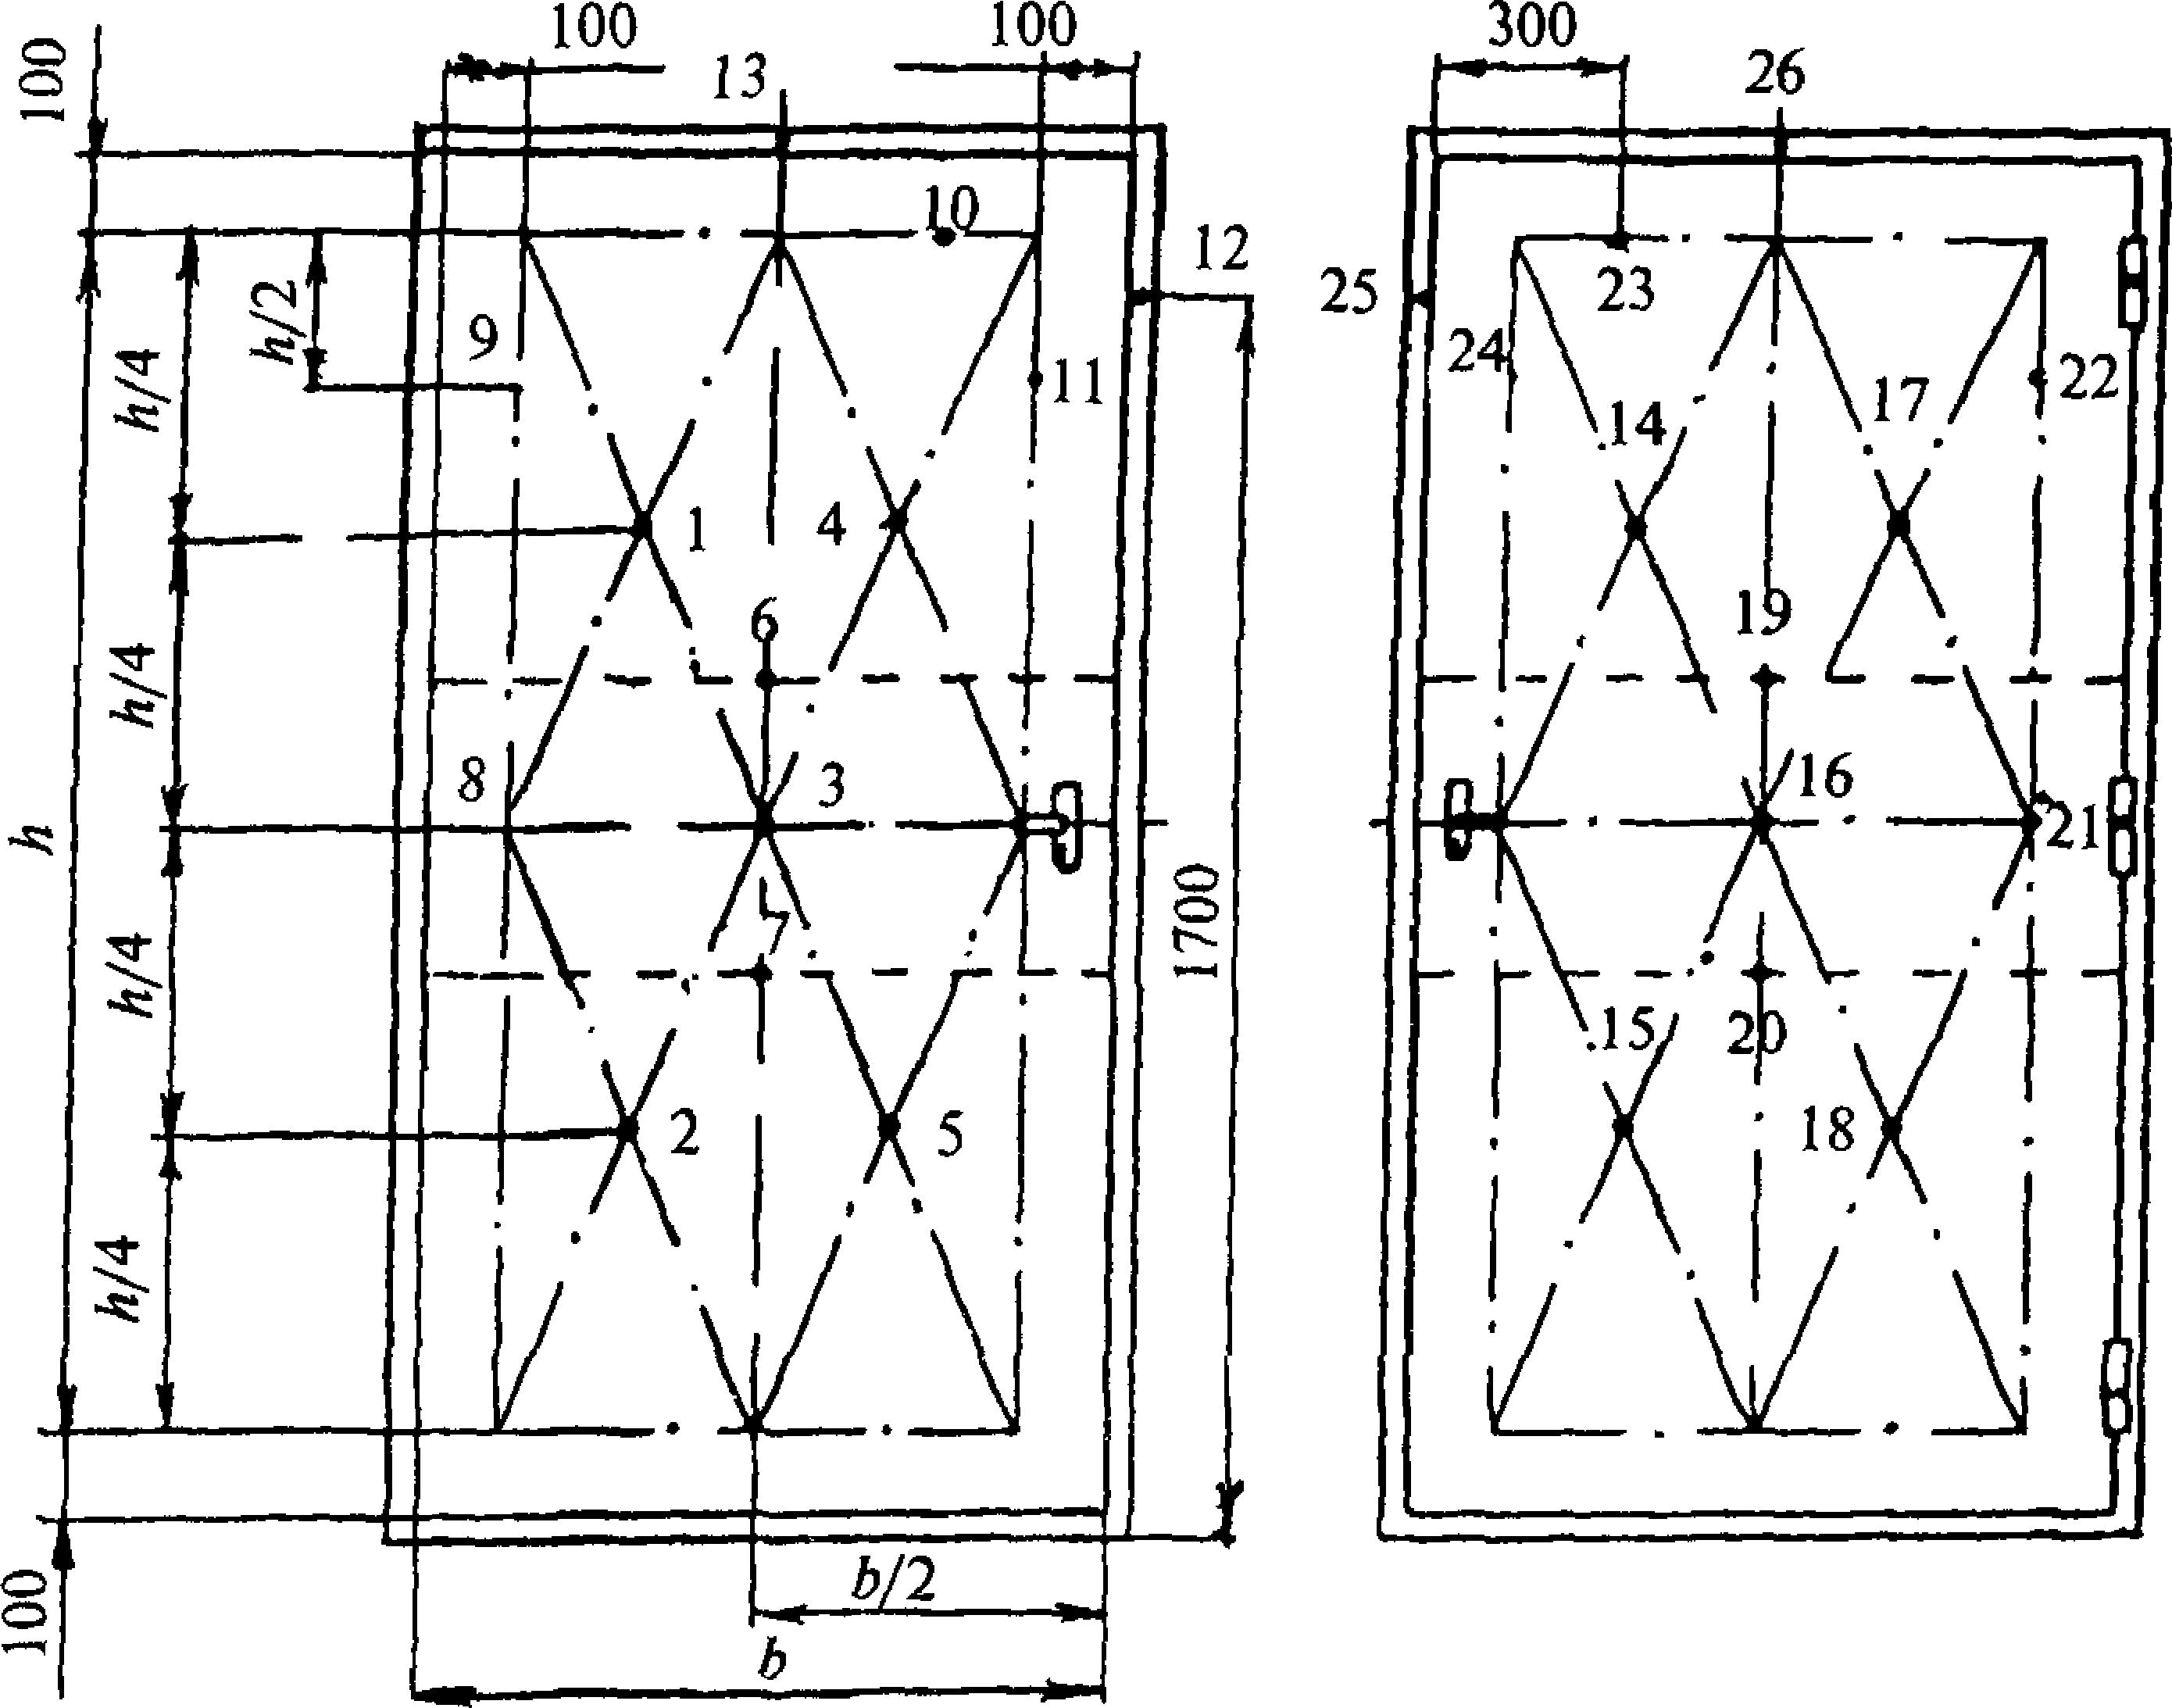 Гост р 53307-2009. конструкции строительные. противопожарные двери и ворота. метод испытаний на огнестойкость